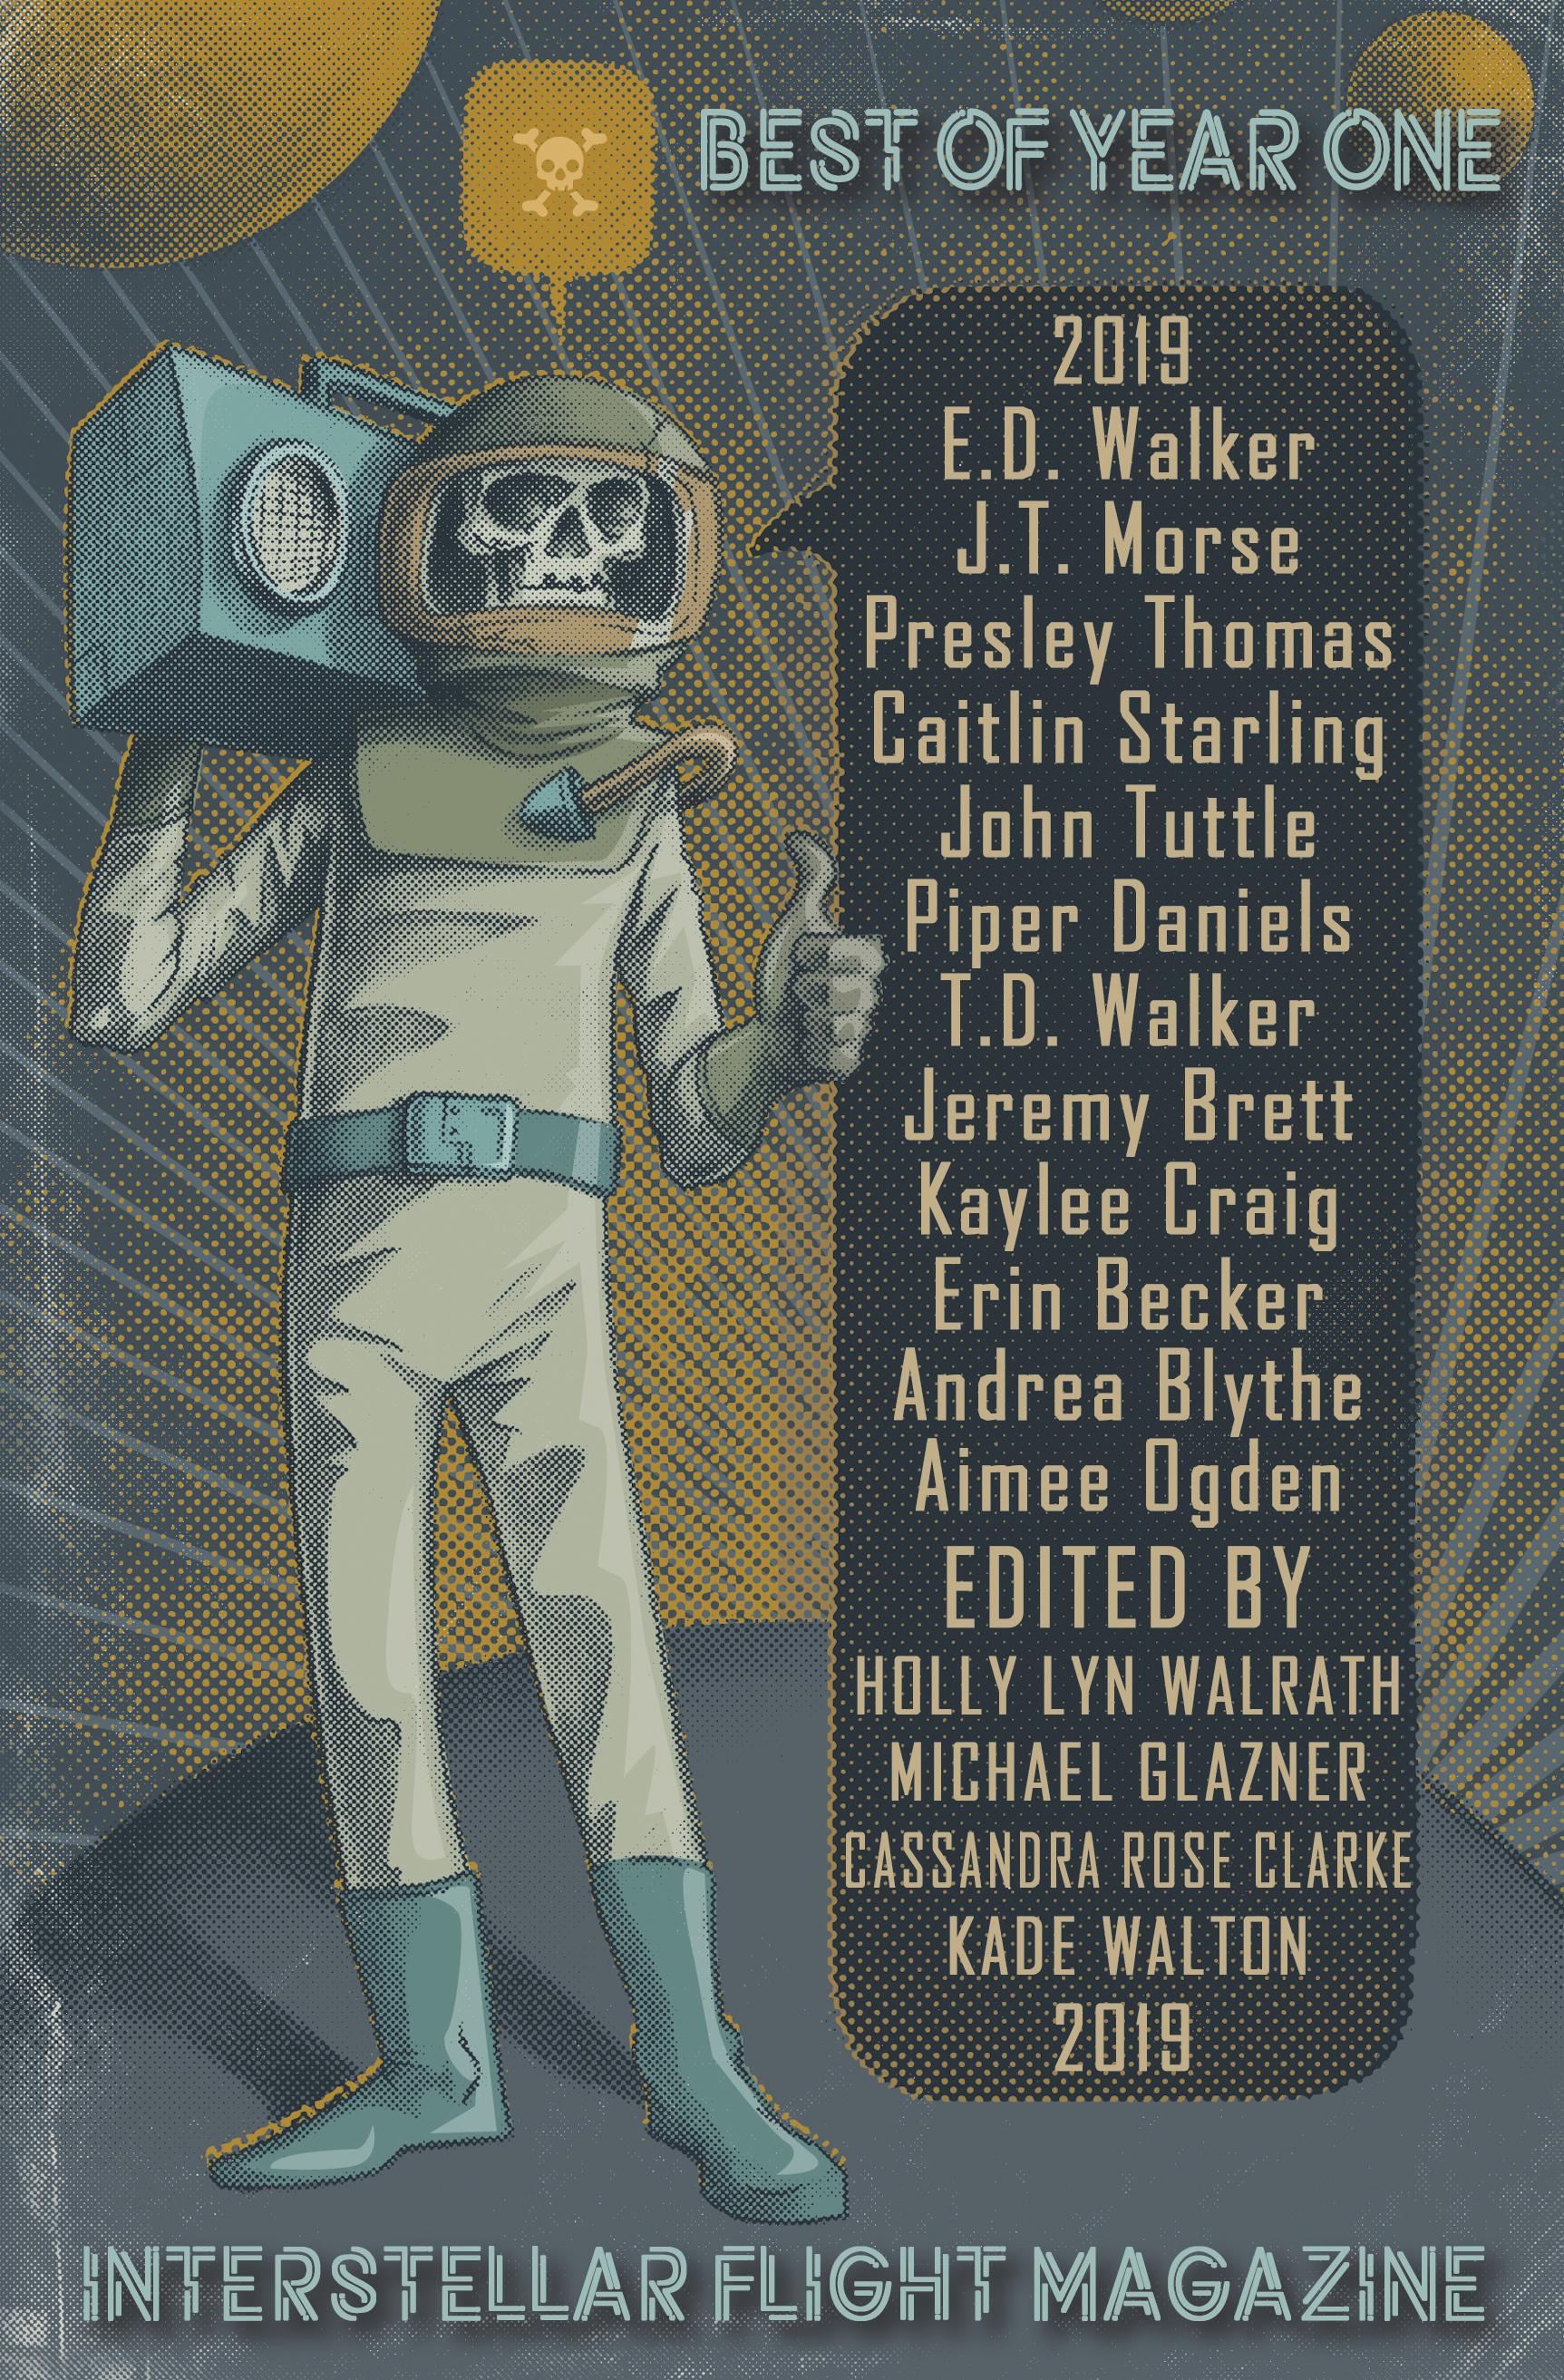 Interstellar Flight Magazine Best of Year One